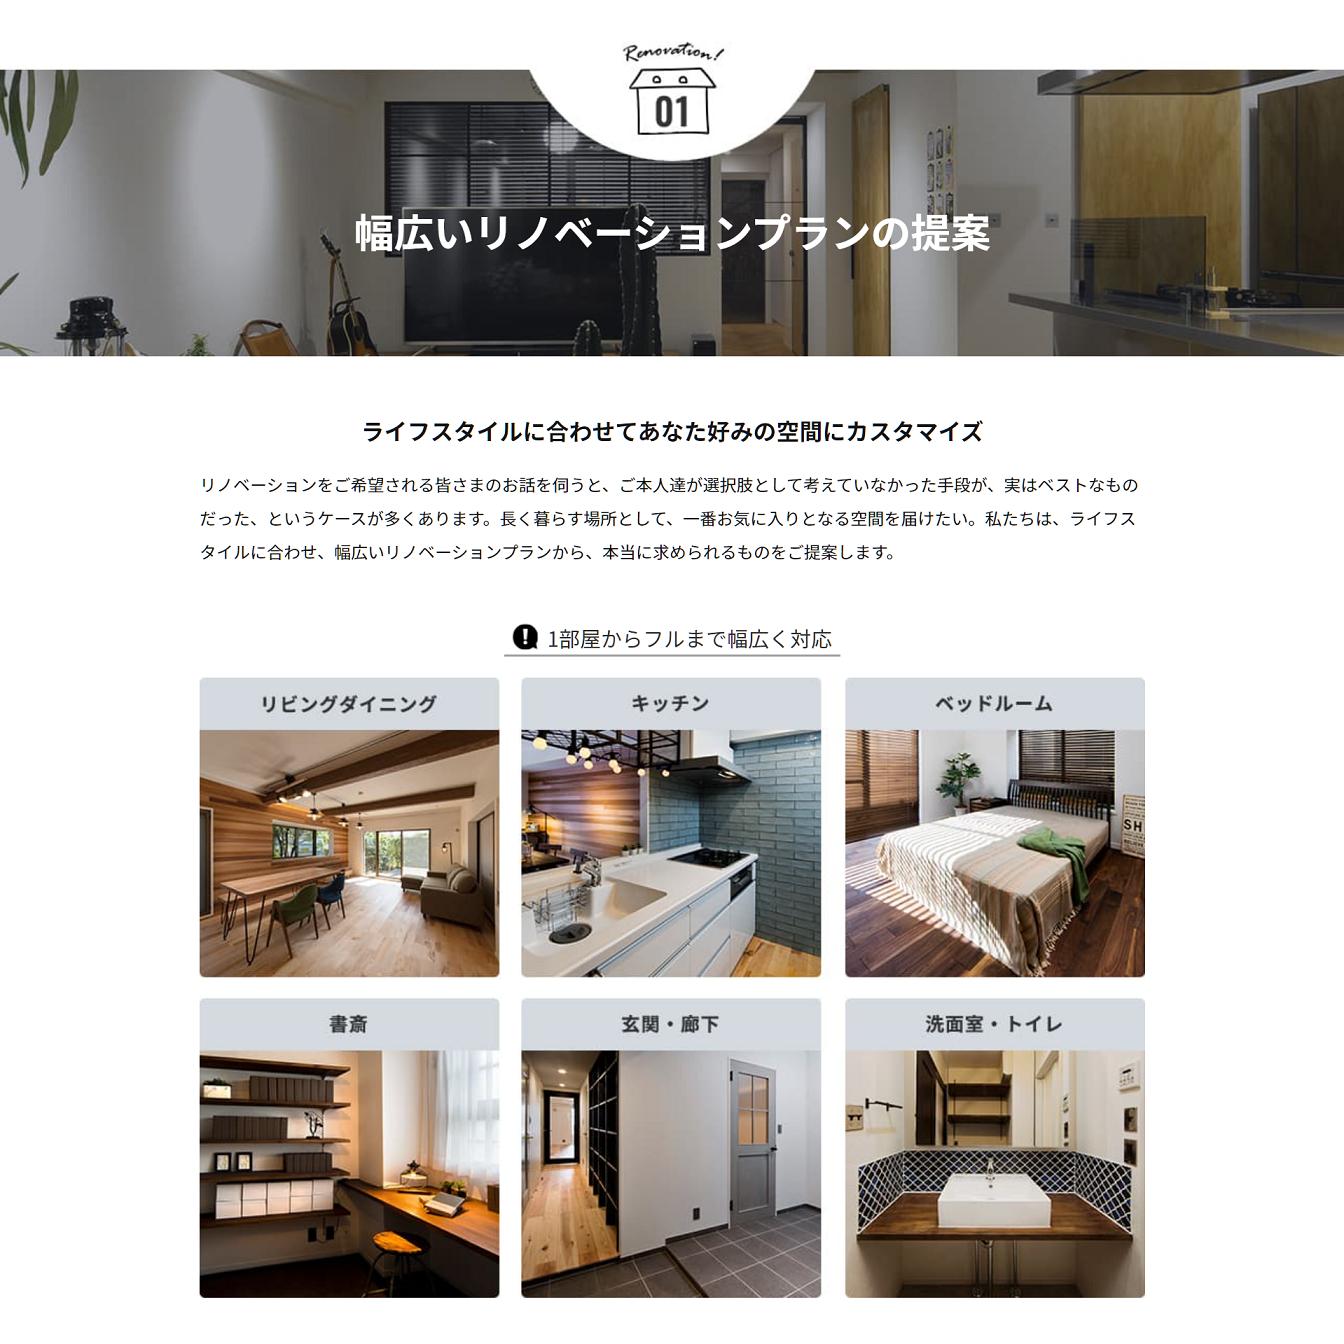 Com's × HAGS リノベーション相談会